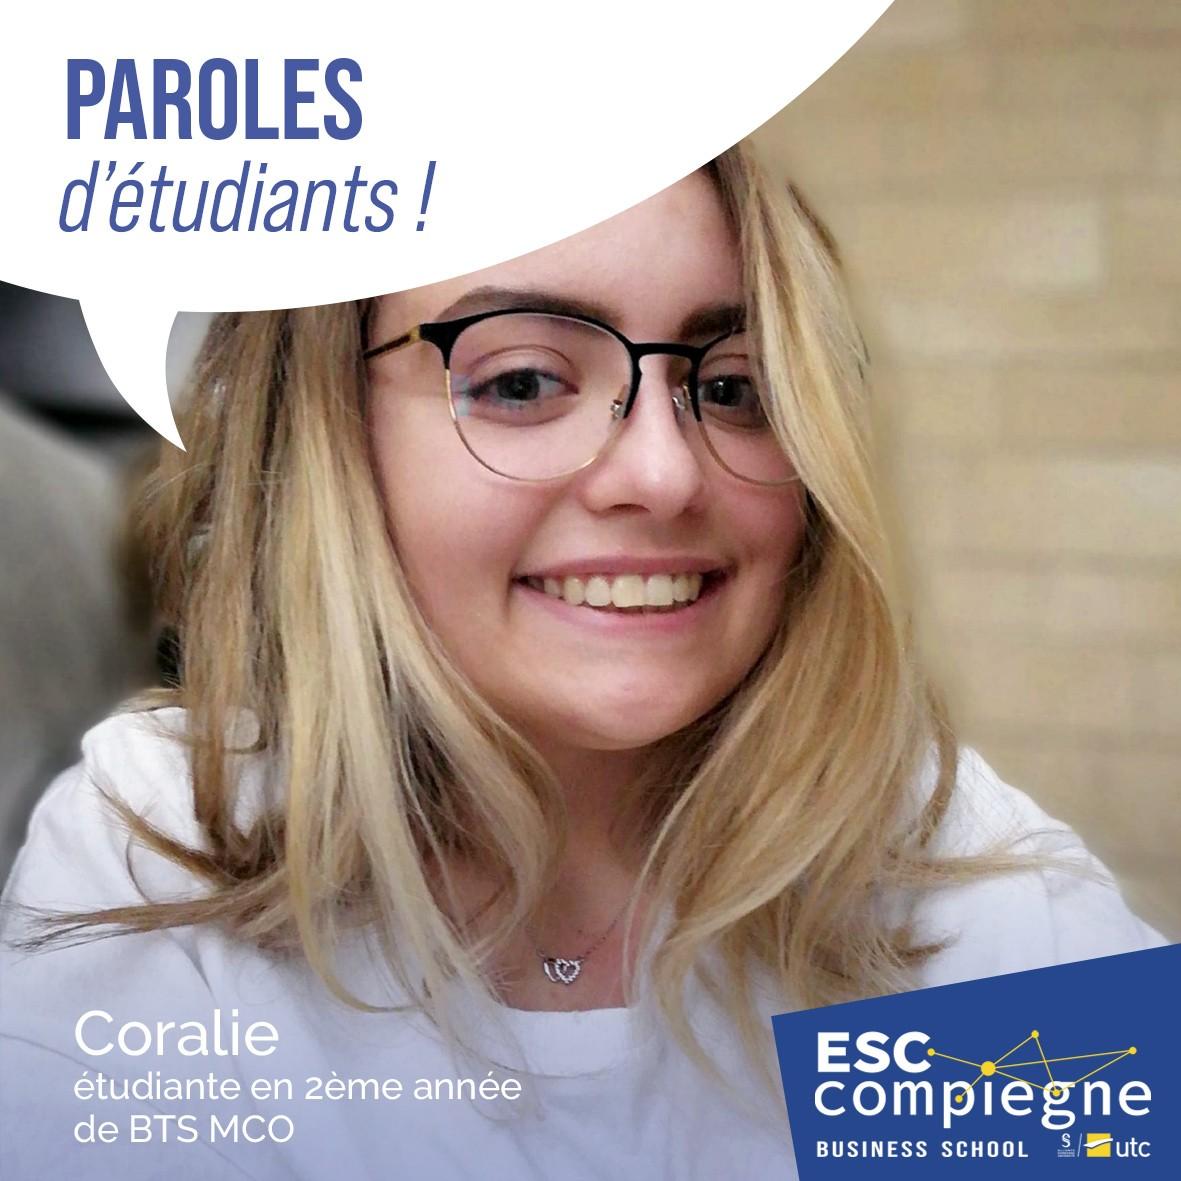 ESCC-Temoignages-Etudiants-Coralie